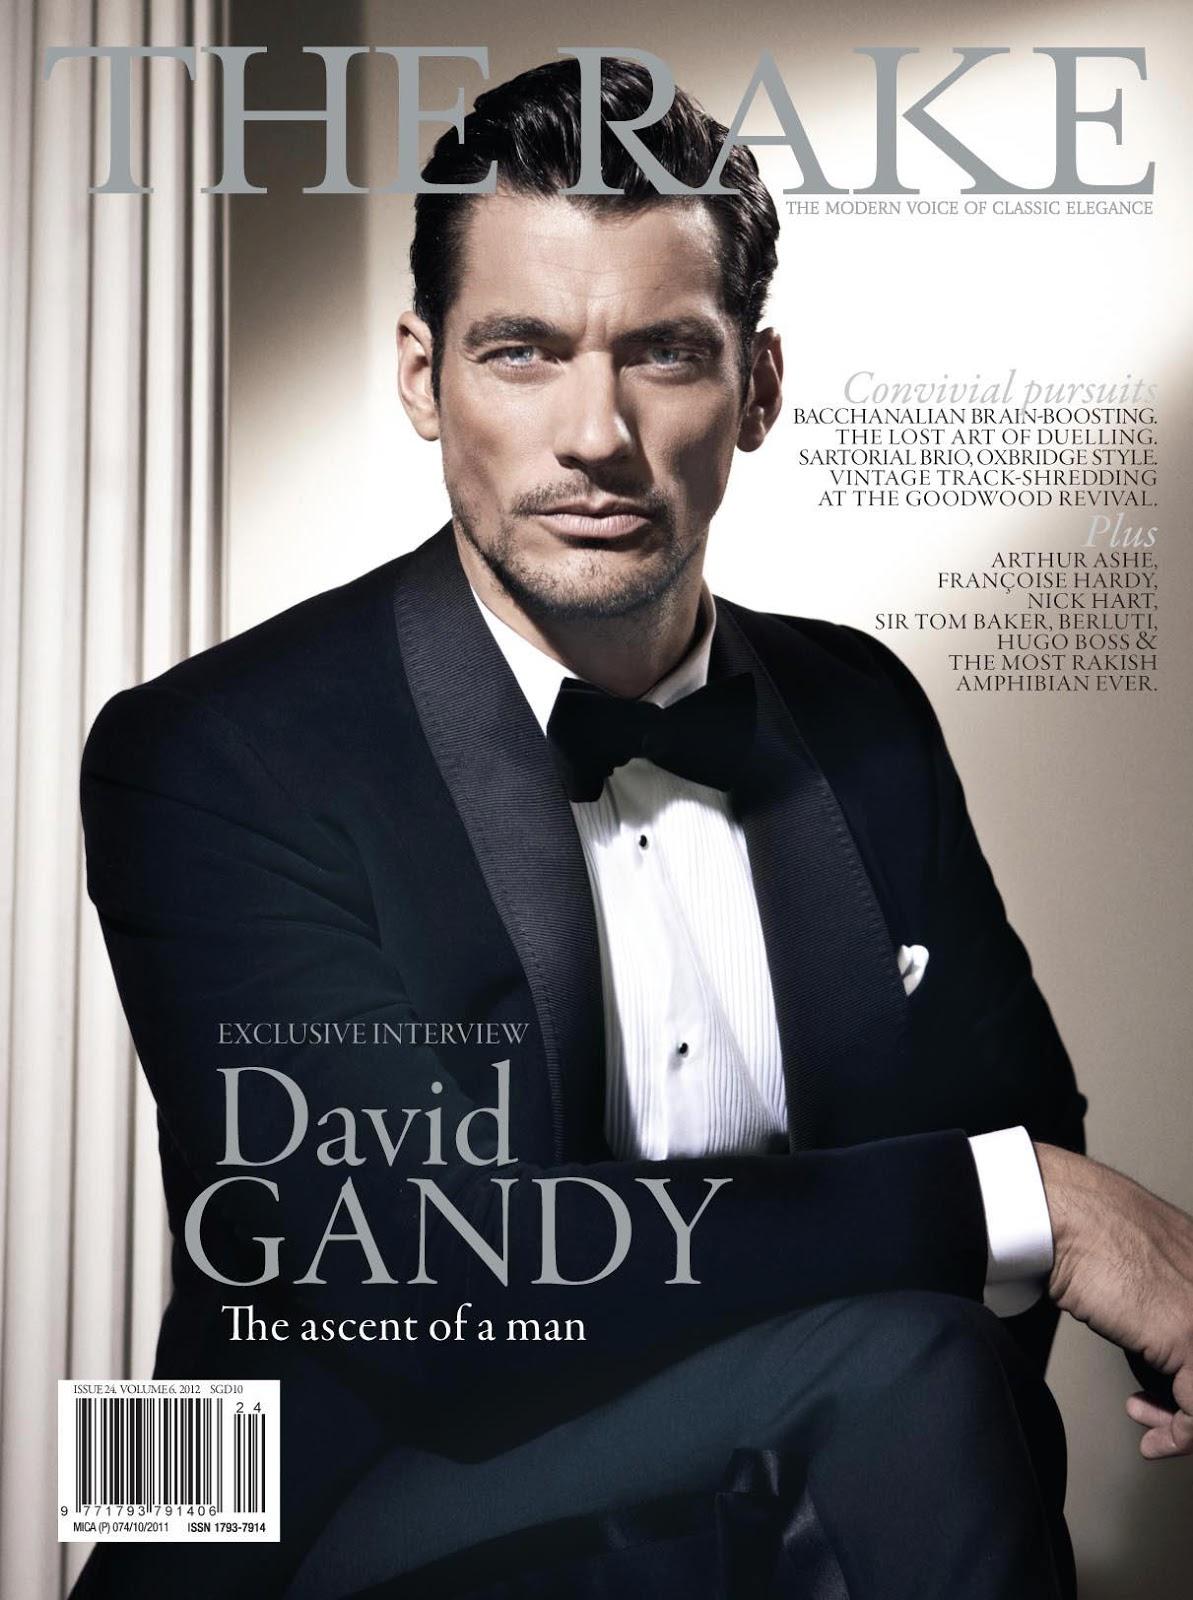 http://3.bp.blogspot.com/-WHeE7v6Reu8/UJlEwKBDNZI/AAAAAAAAAc8/bP2mMWCmYWw/s1600/David+Gandy+RAKE+magazine+2012+Cover.jpg